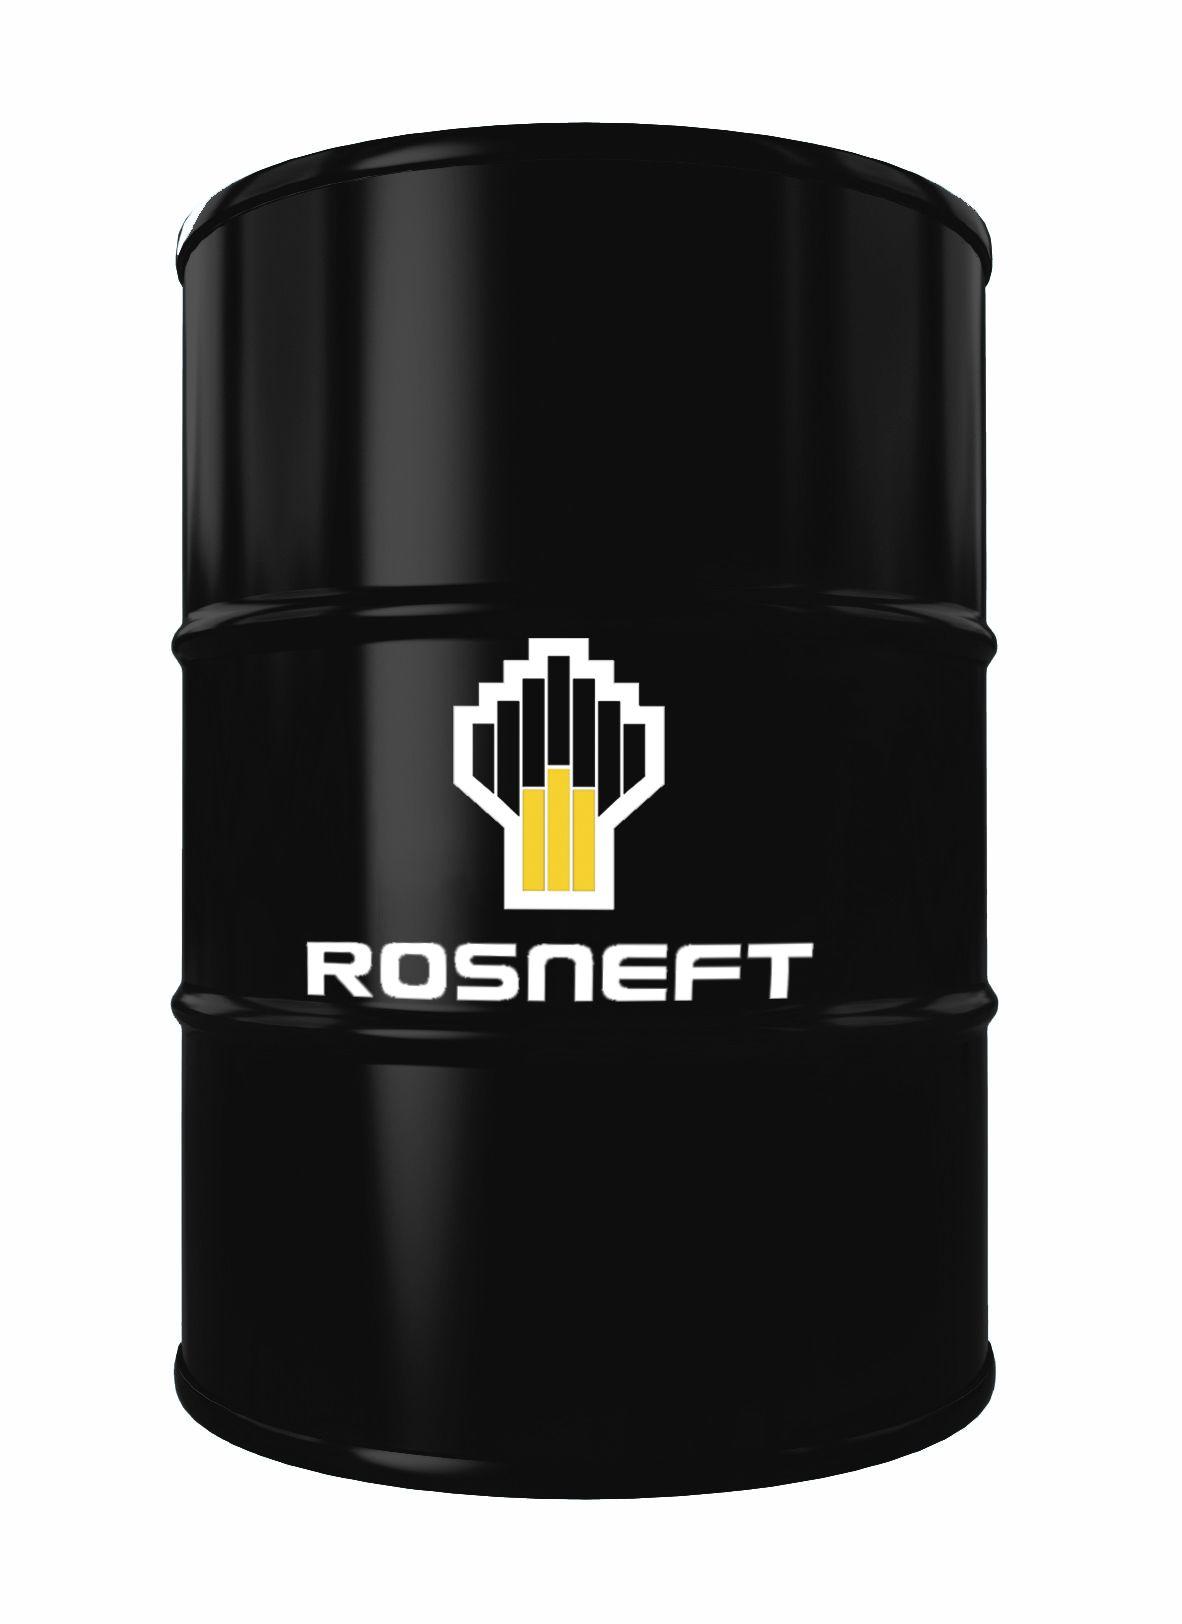 РОСНЕФТЬ Гидравлическое масло Gidrotec OE HLP 46 Бочка 200л Mineral oil